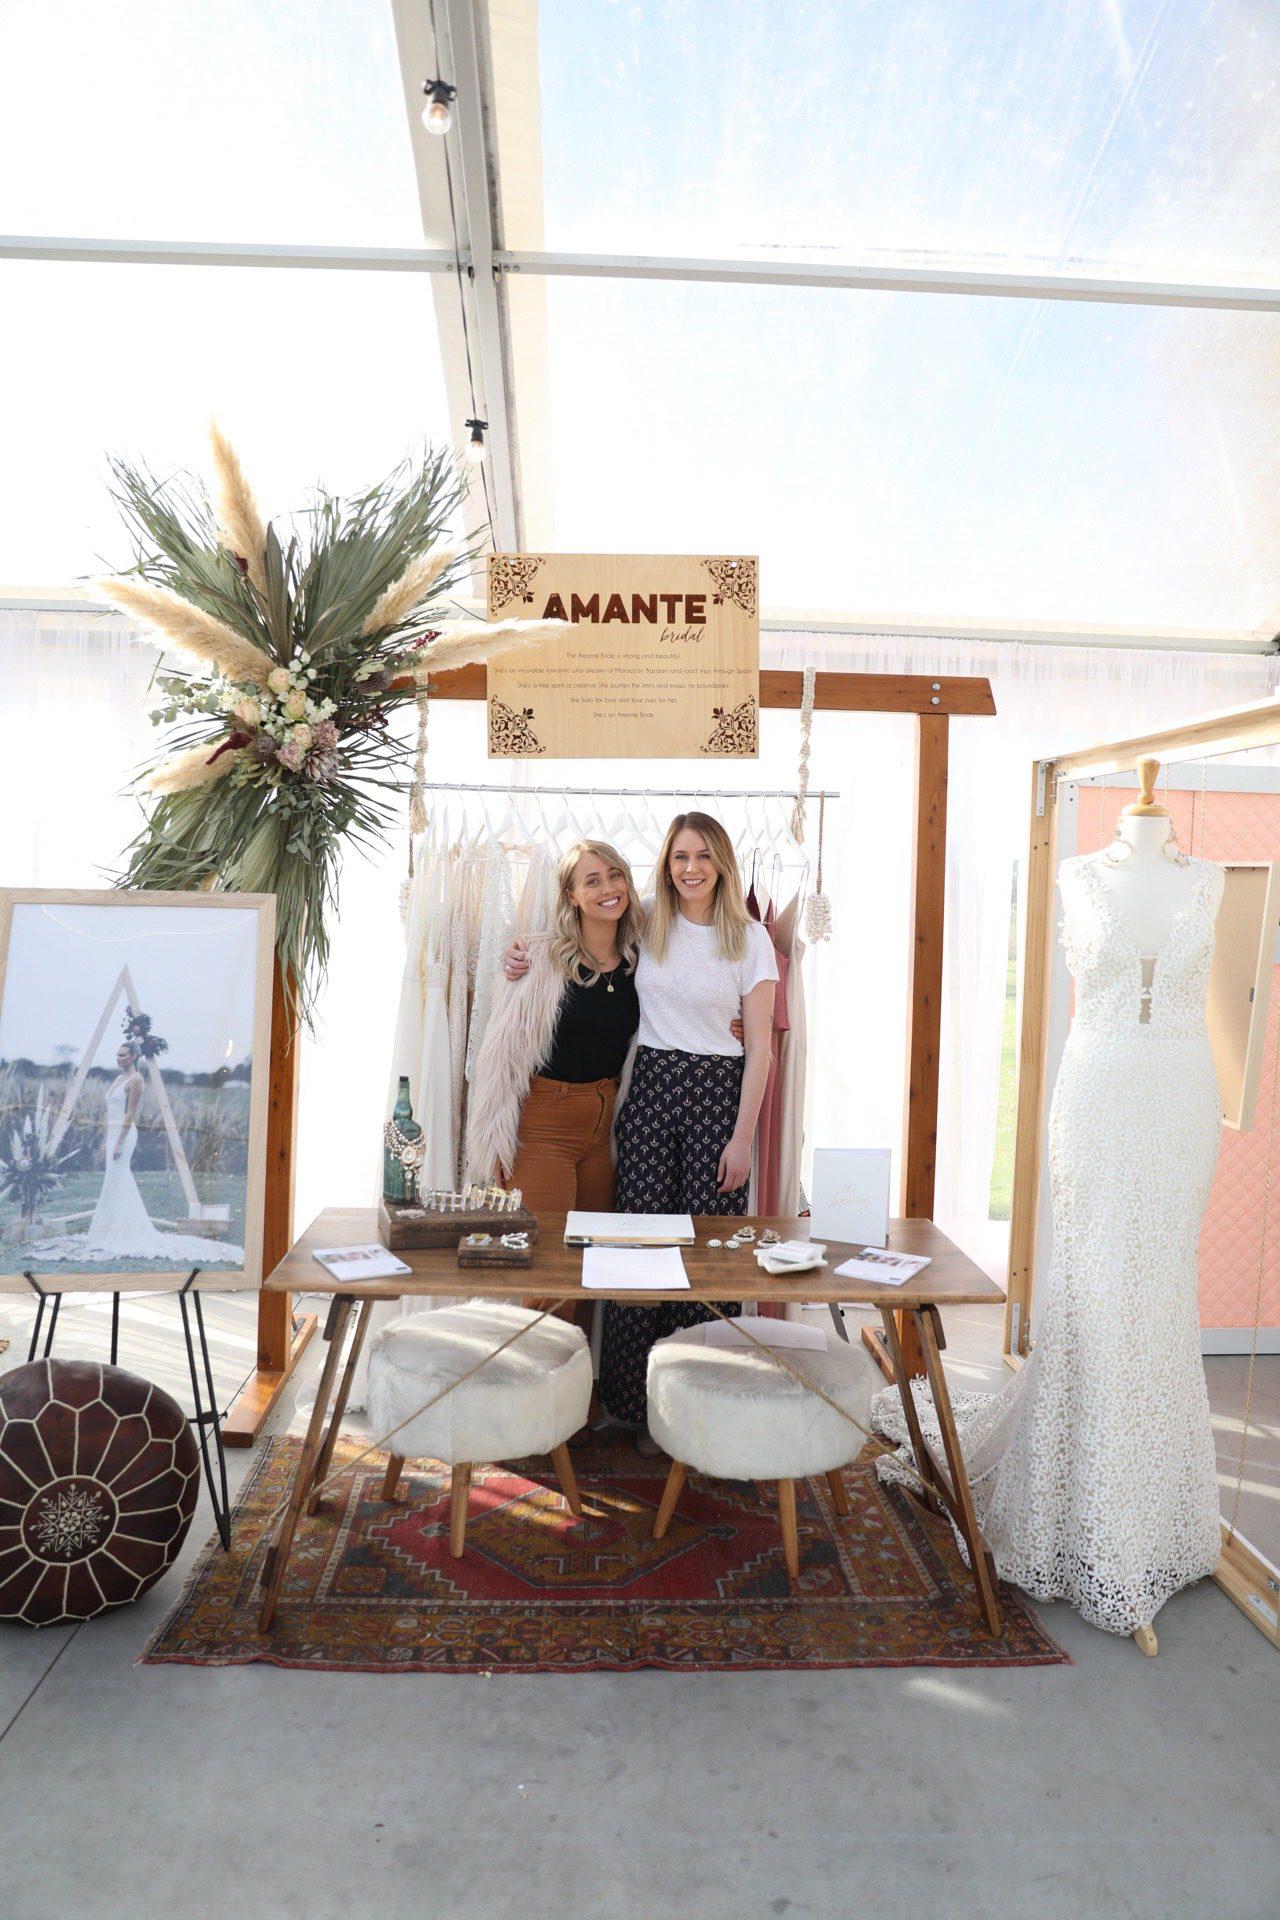 amante bridal boutique team photo